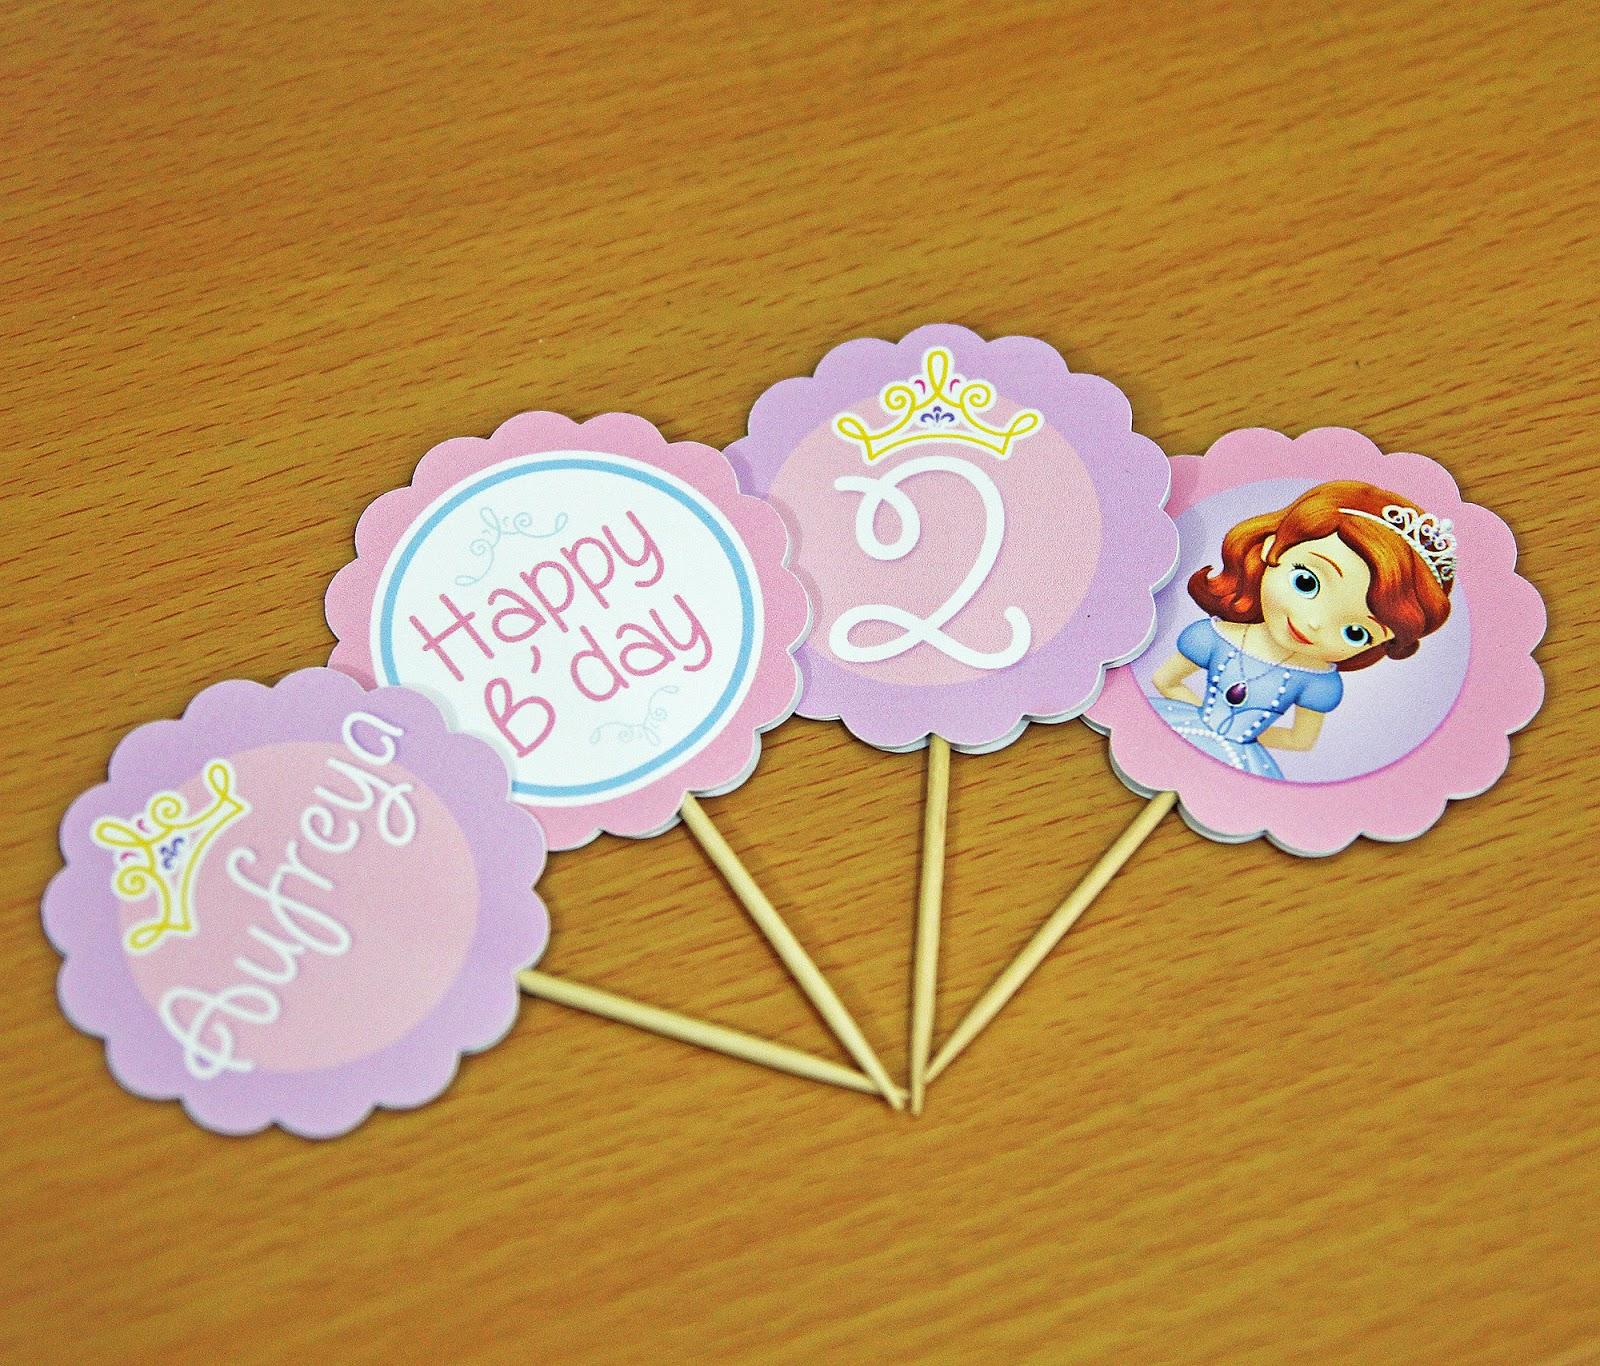 Comment on this picture ulang tahun anak contoh undangan kartu apps - Undangan Cupcake Topper Dan Bunting Flag Ulang Tahun Princess Sofia